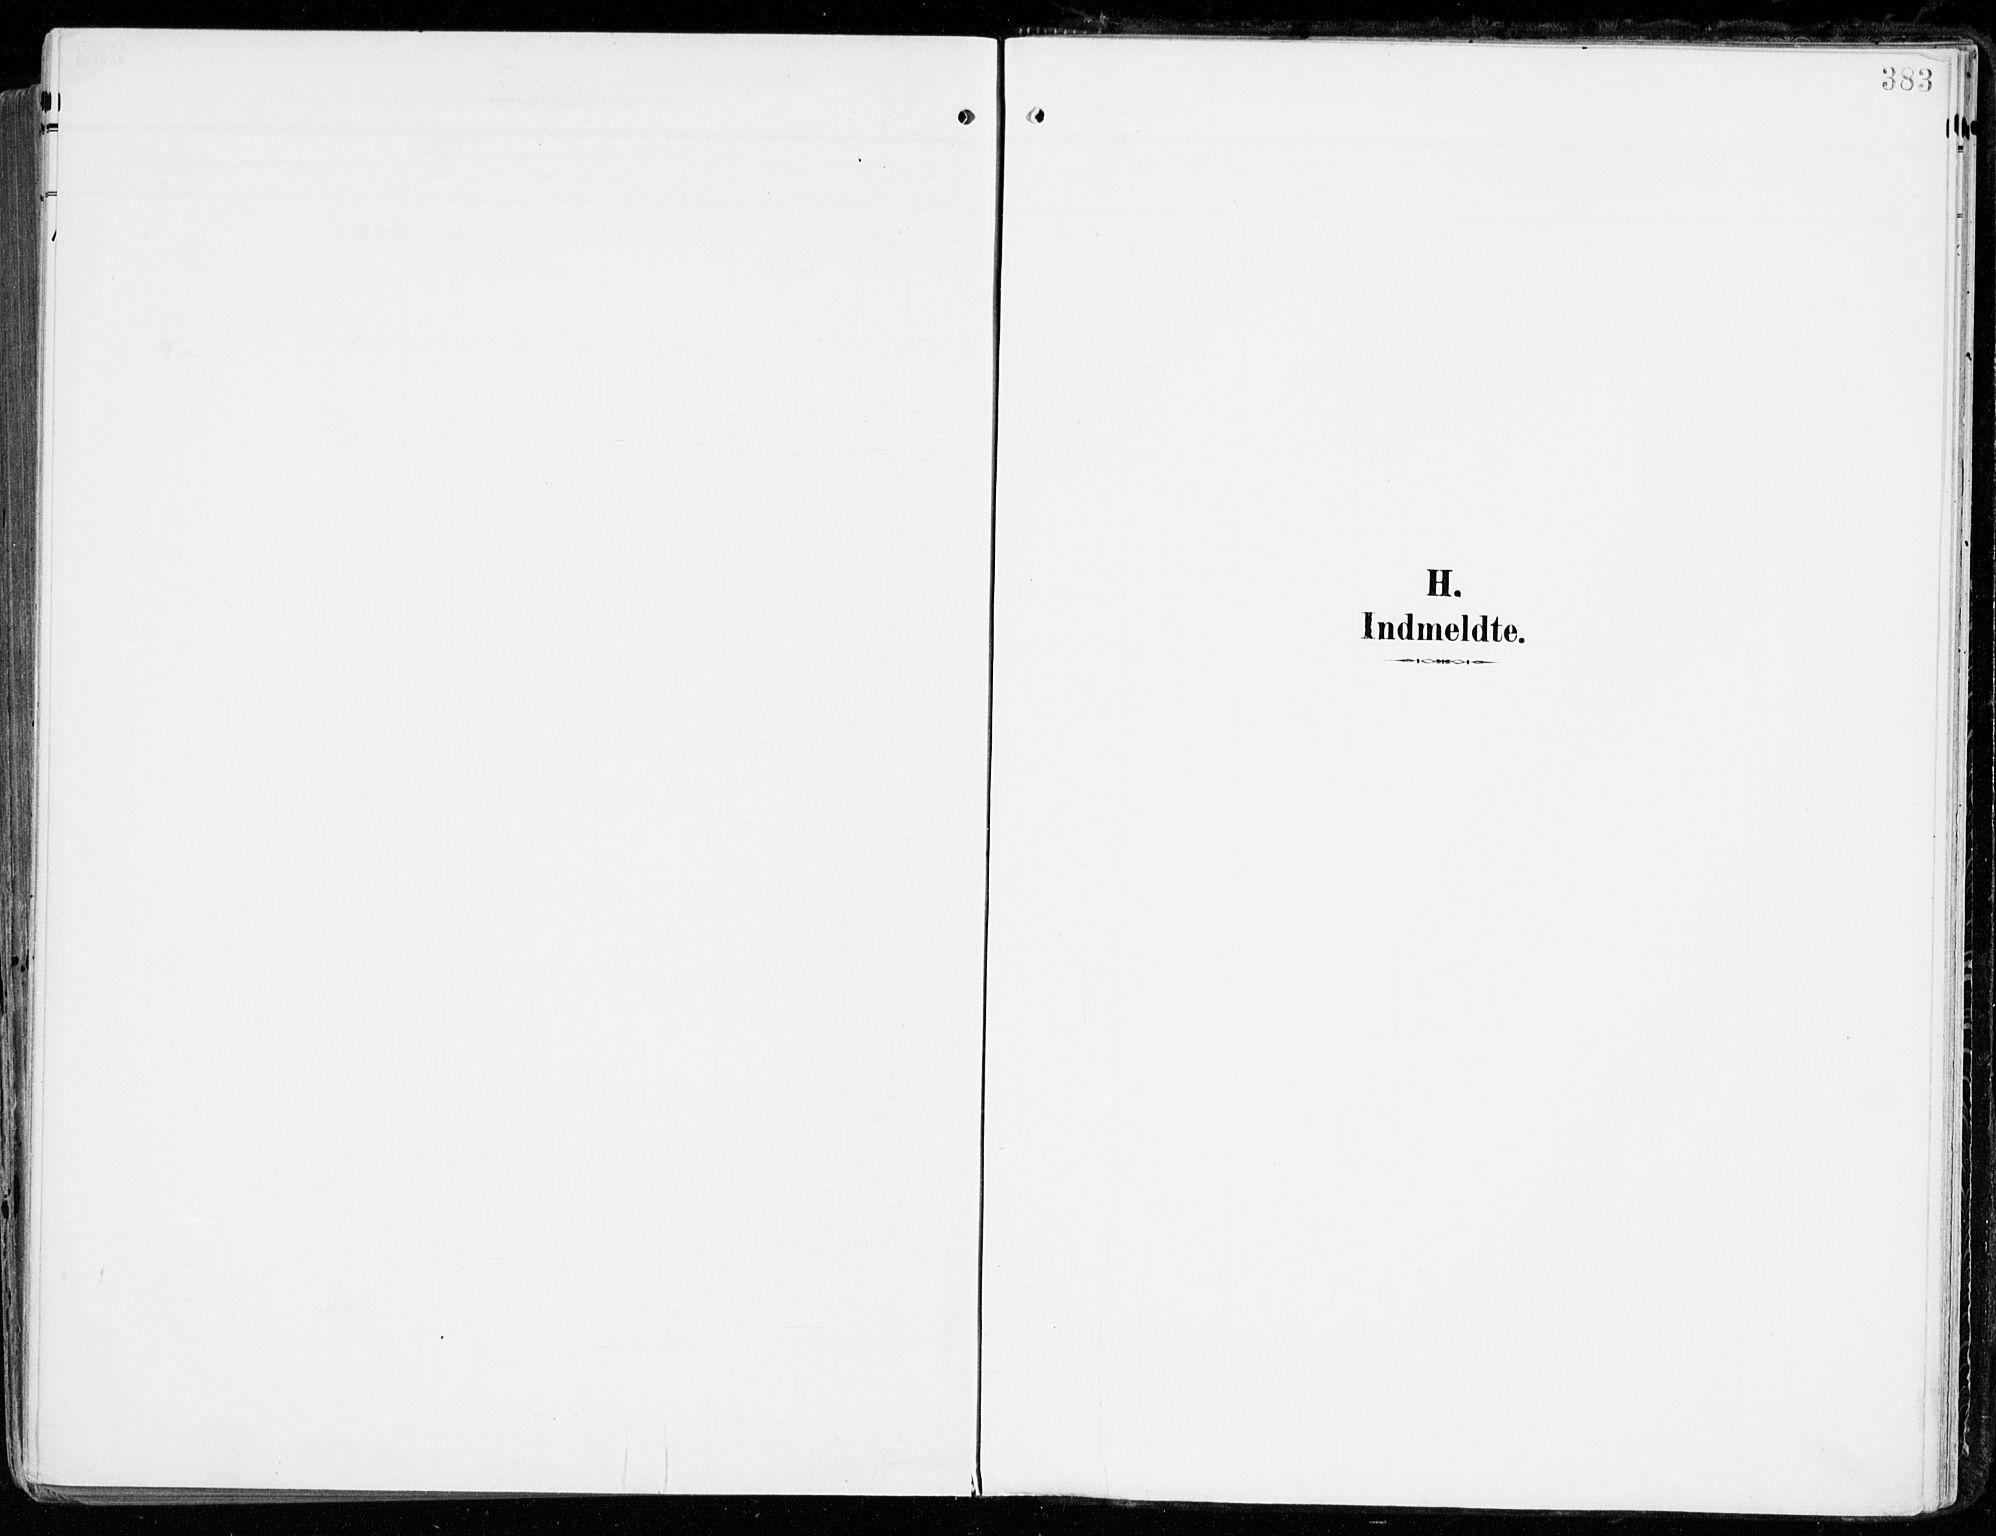 SAKO, Tjølling kirkebøker, F/Fa/L0010: Parish register (official) no. 10, 1906-1923, p. 383